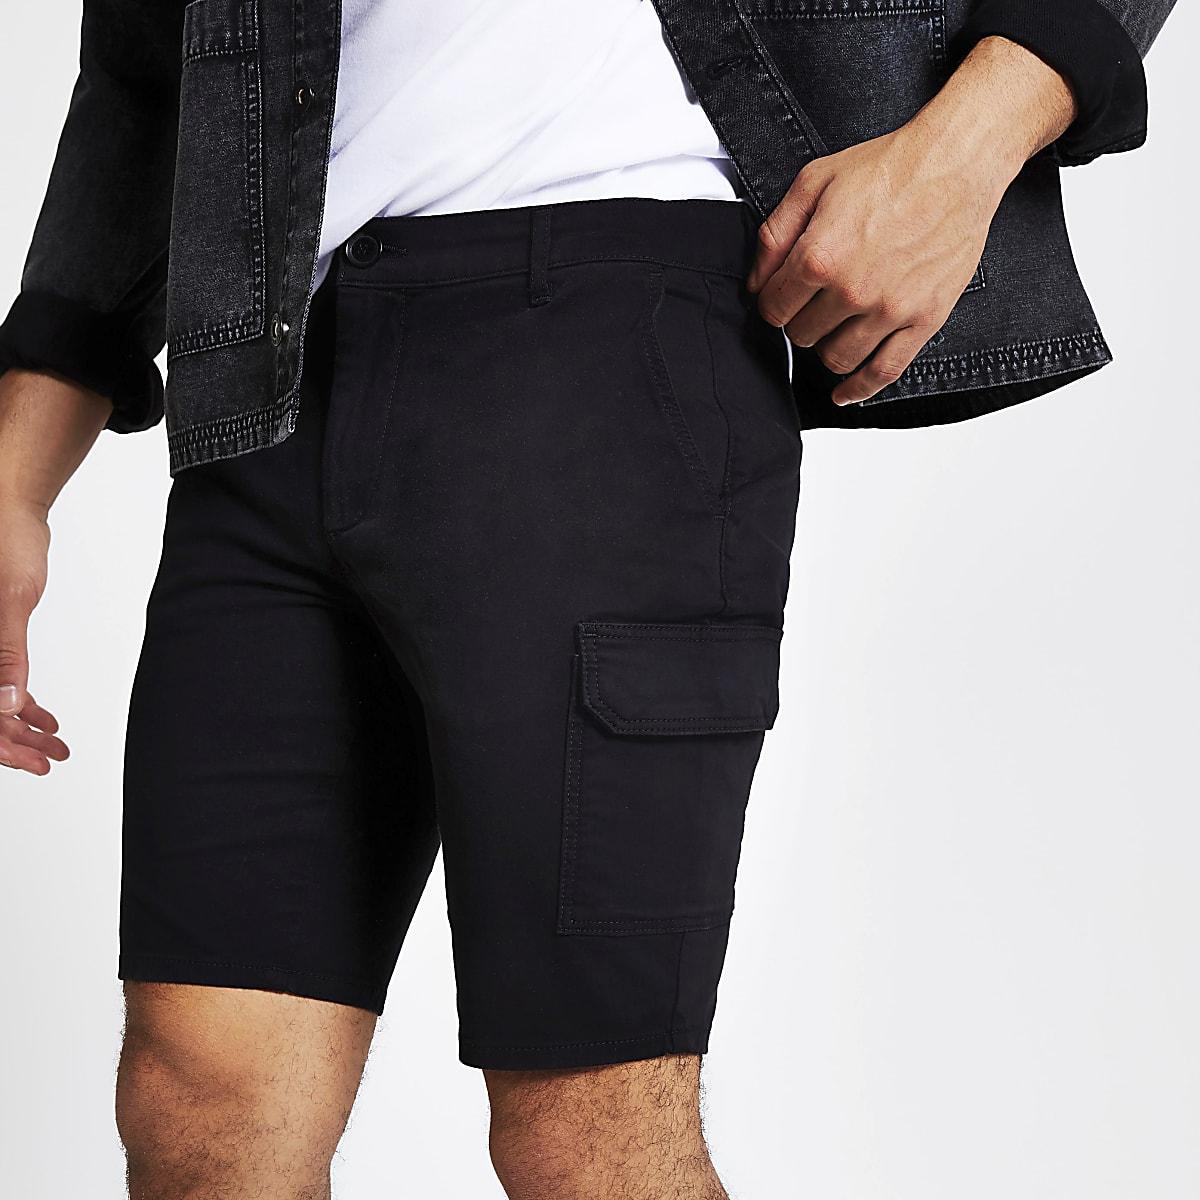 Black utility skinny shorts